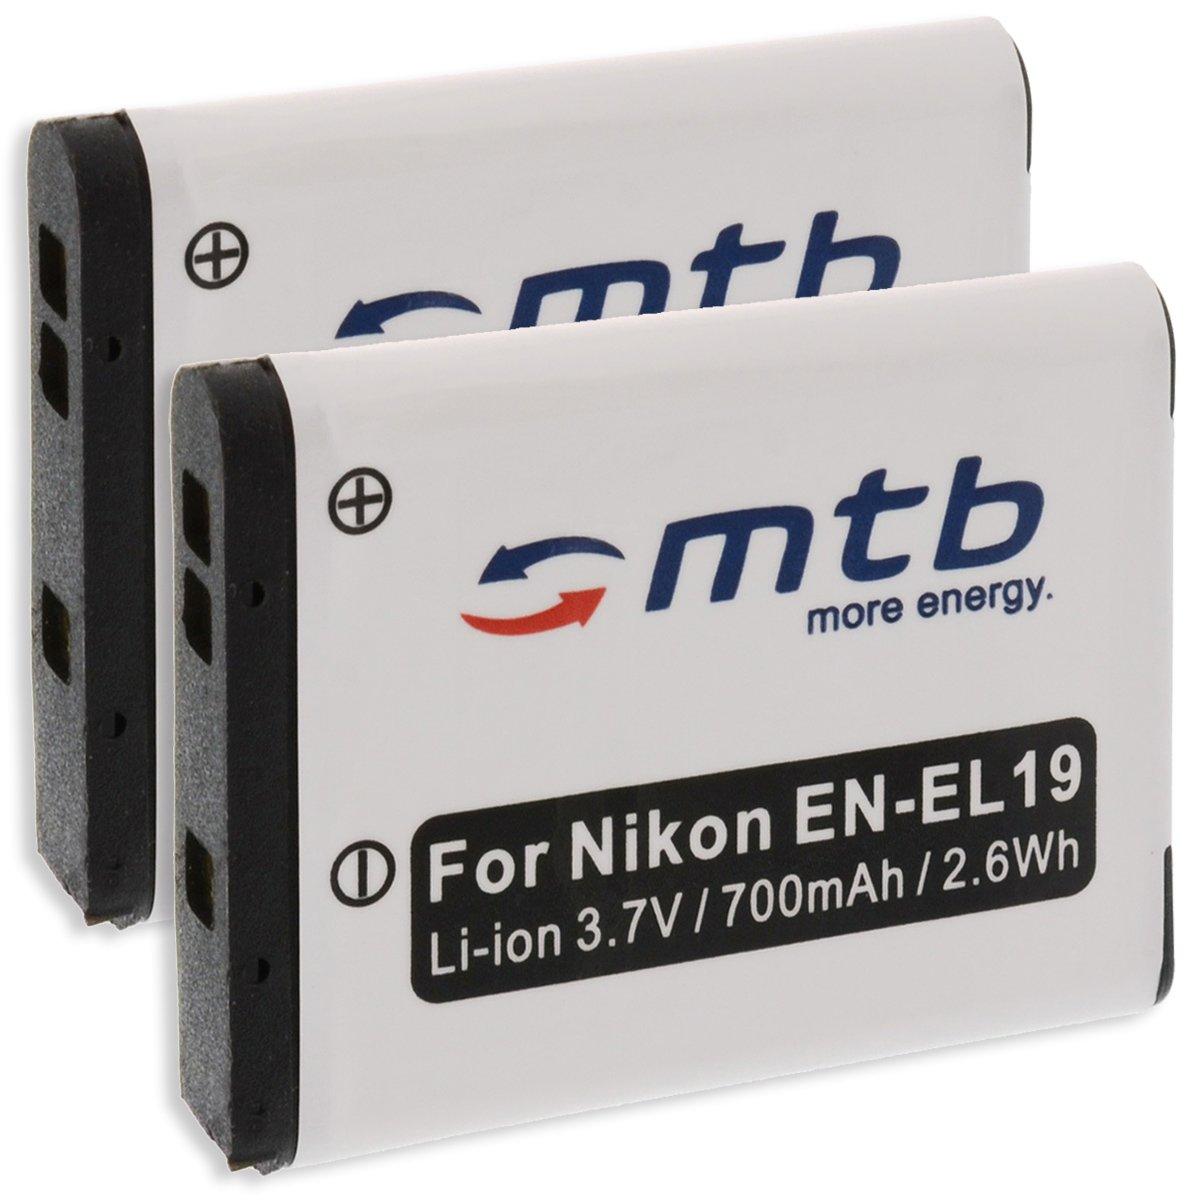 2x Baterí a EN-EL19 para Nikon S01, S100, S2500, S2550, S2600, S2700, S3100, S3300.... (ver descripció n) S3300.... (ver descripción) mtb more energy 2BAT-260